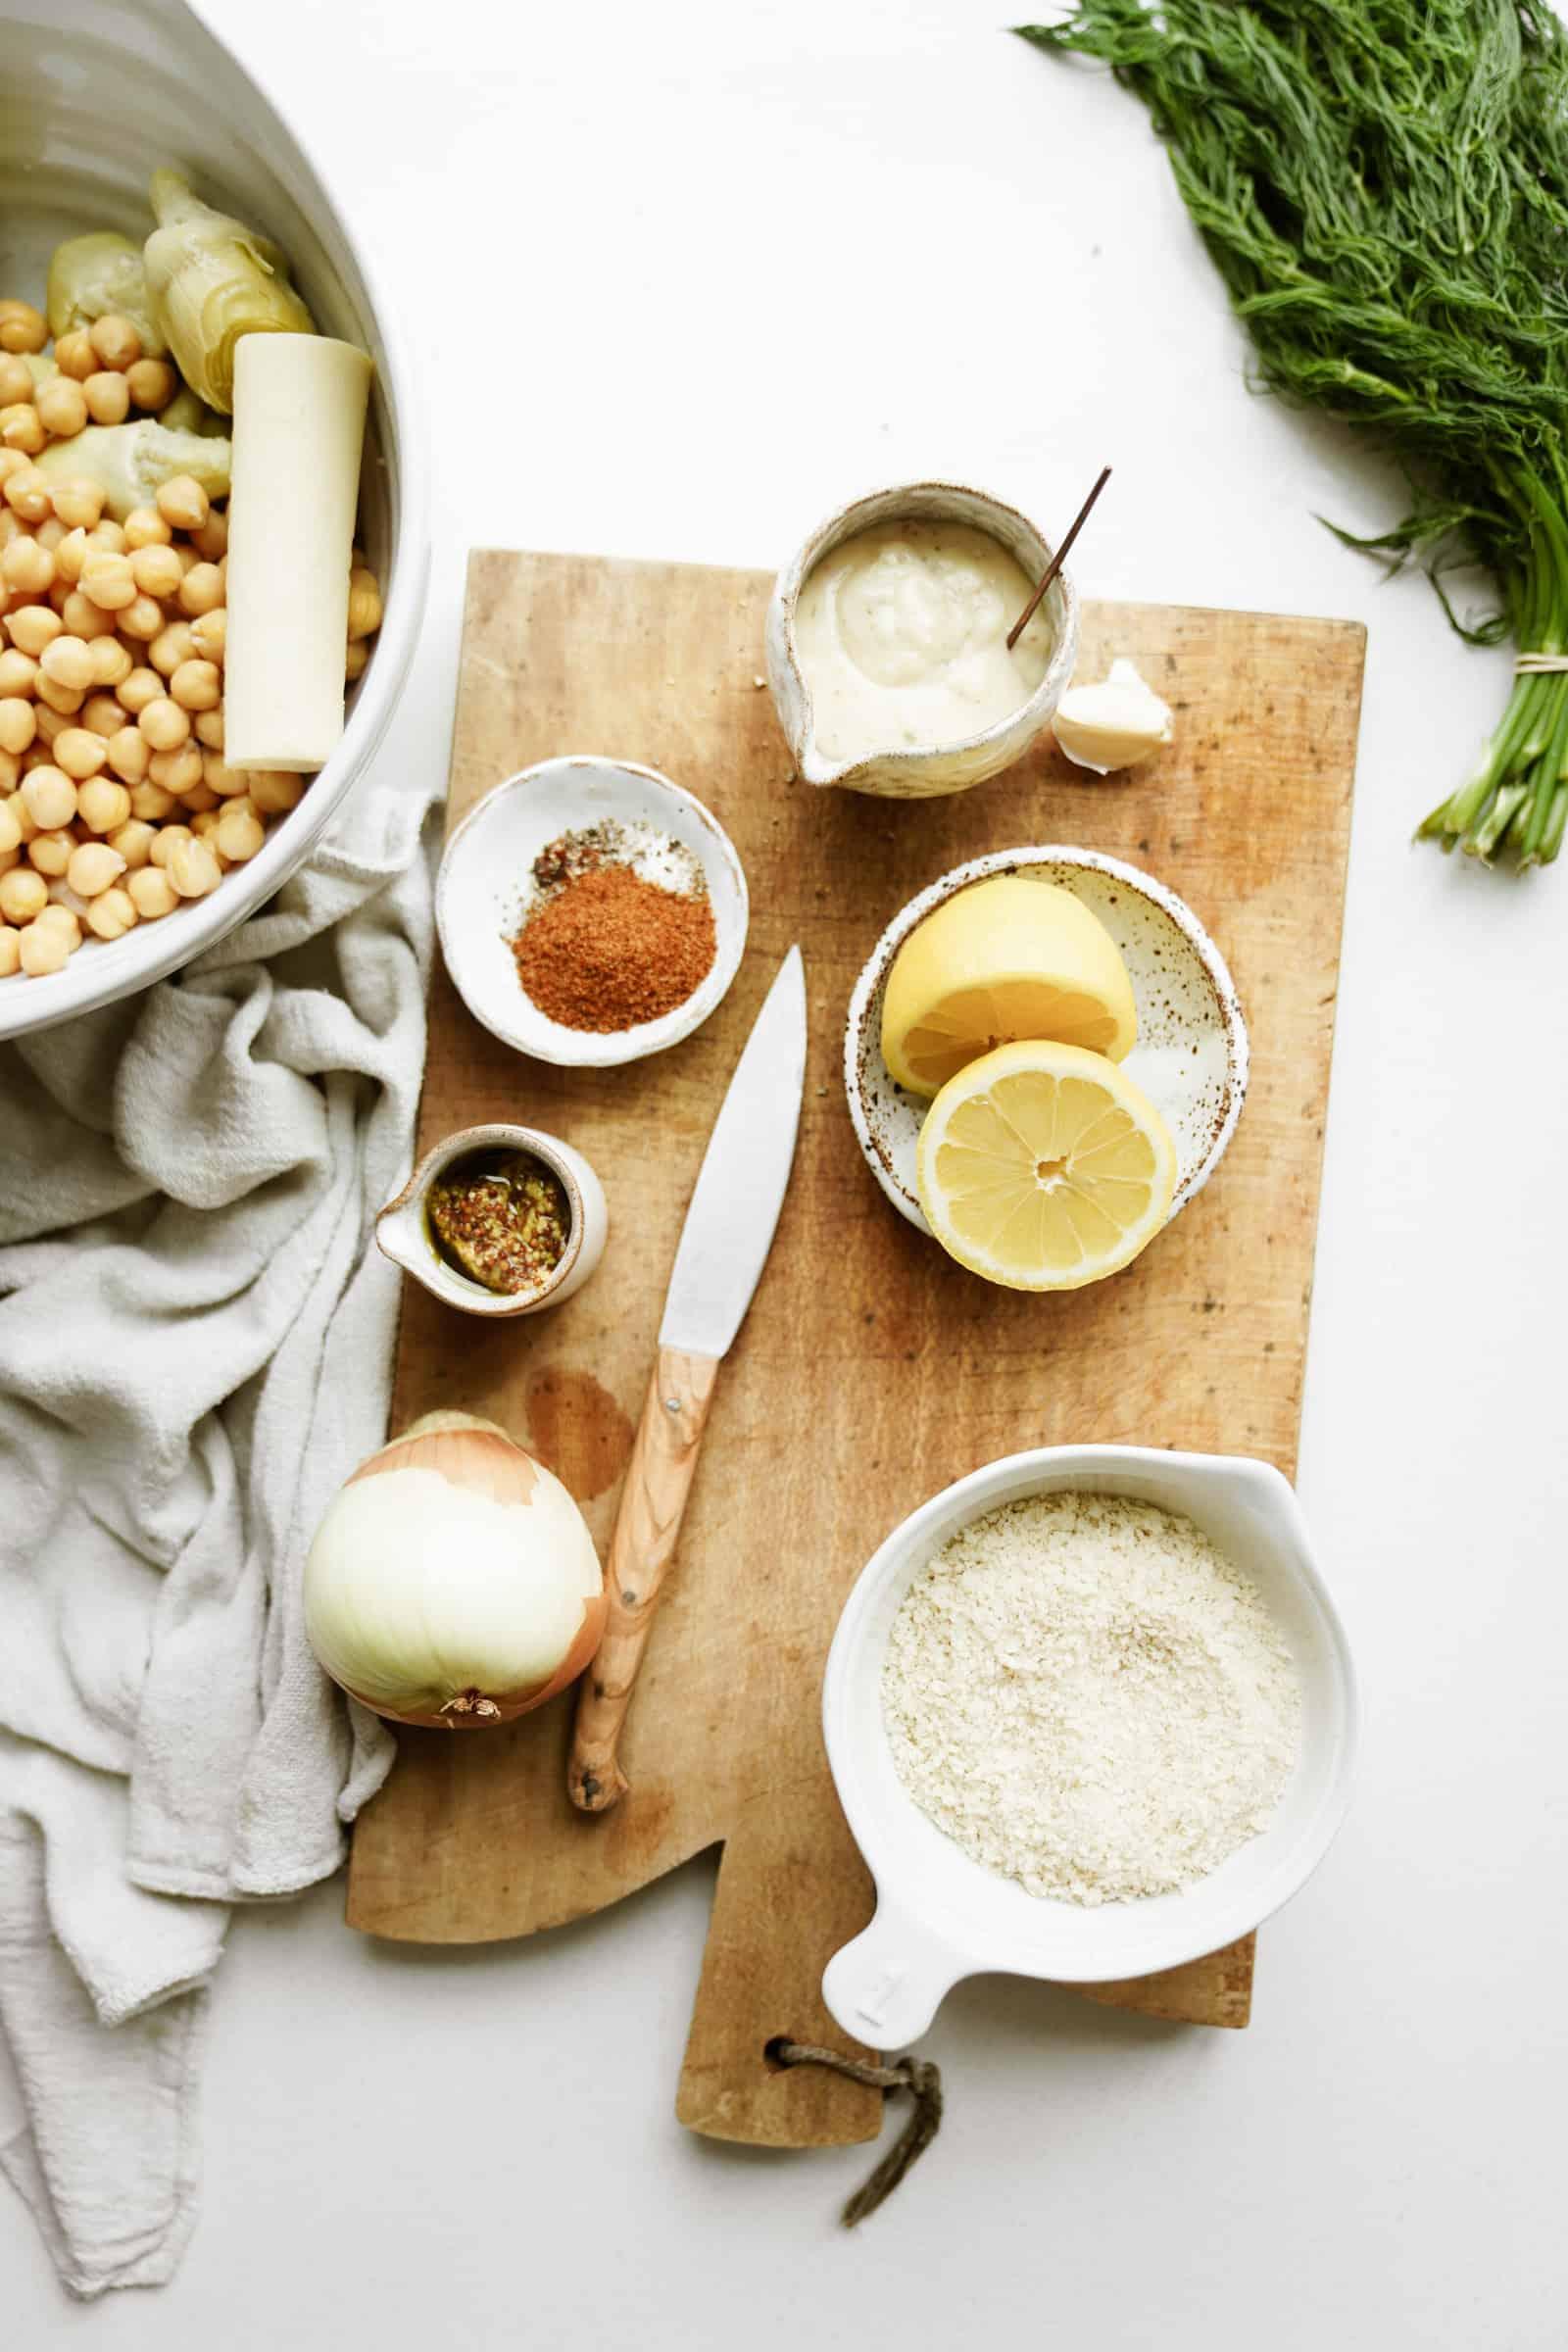 Ingredients for vegan crab cakes